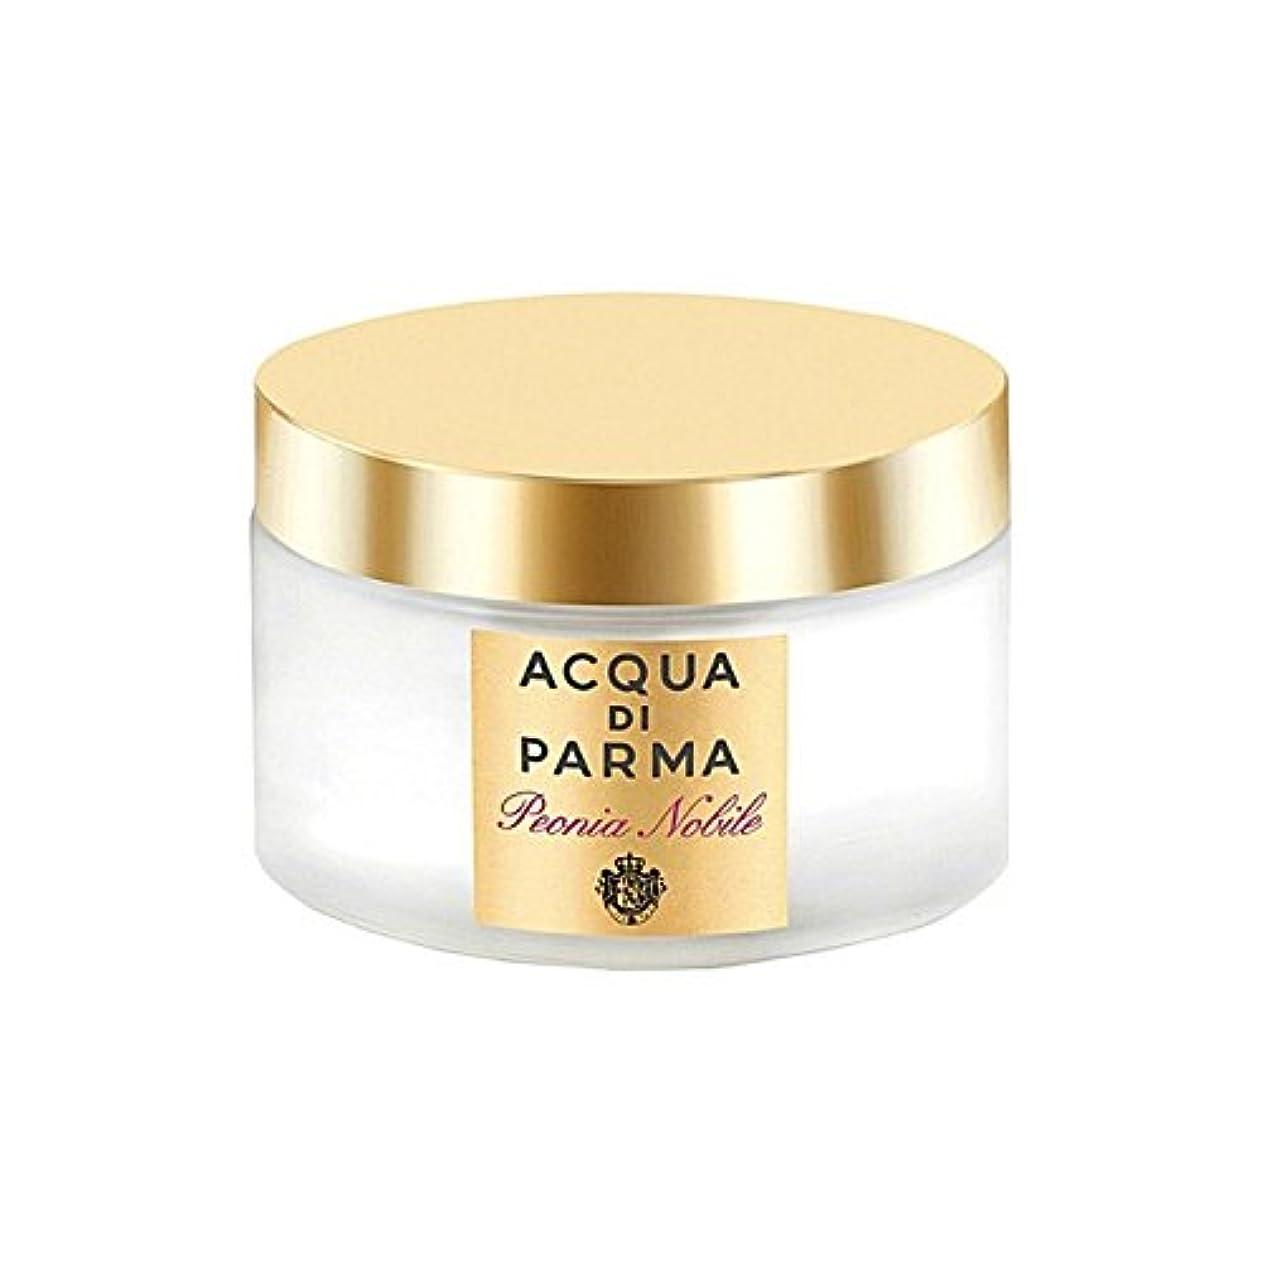 暴動物理学者屈辱するAcqua Di Parma Peonia Nobile Body Cream 150ml - アクアディパルマノビレボディクリーム150ミリリットル [並行輸入品]